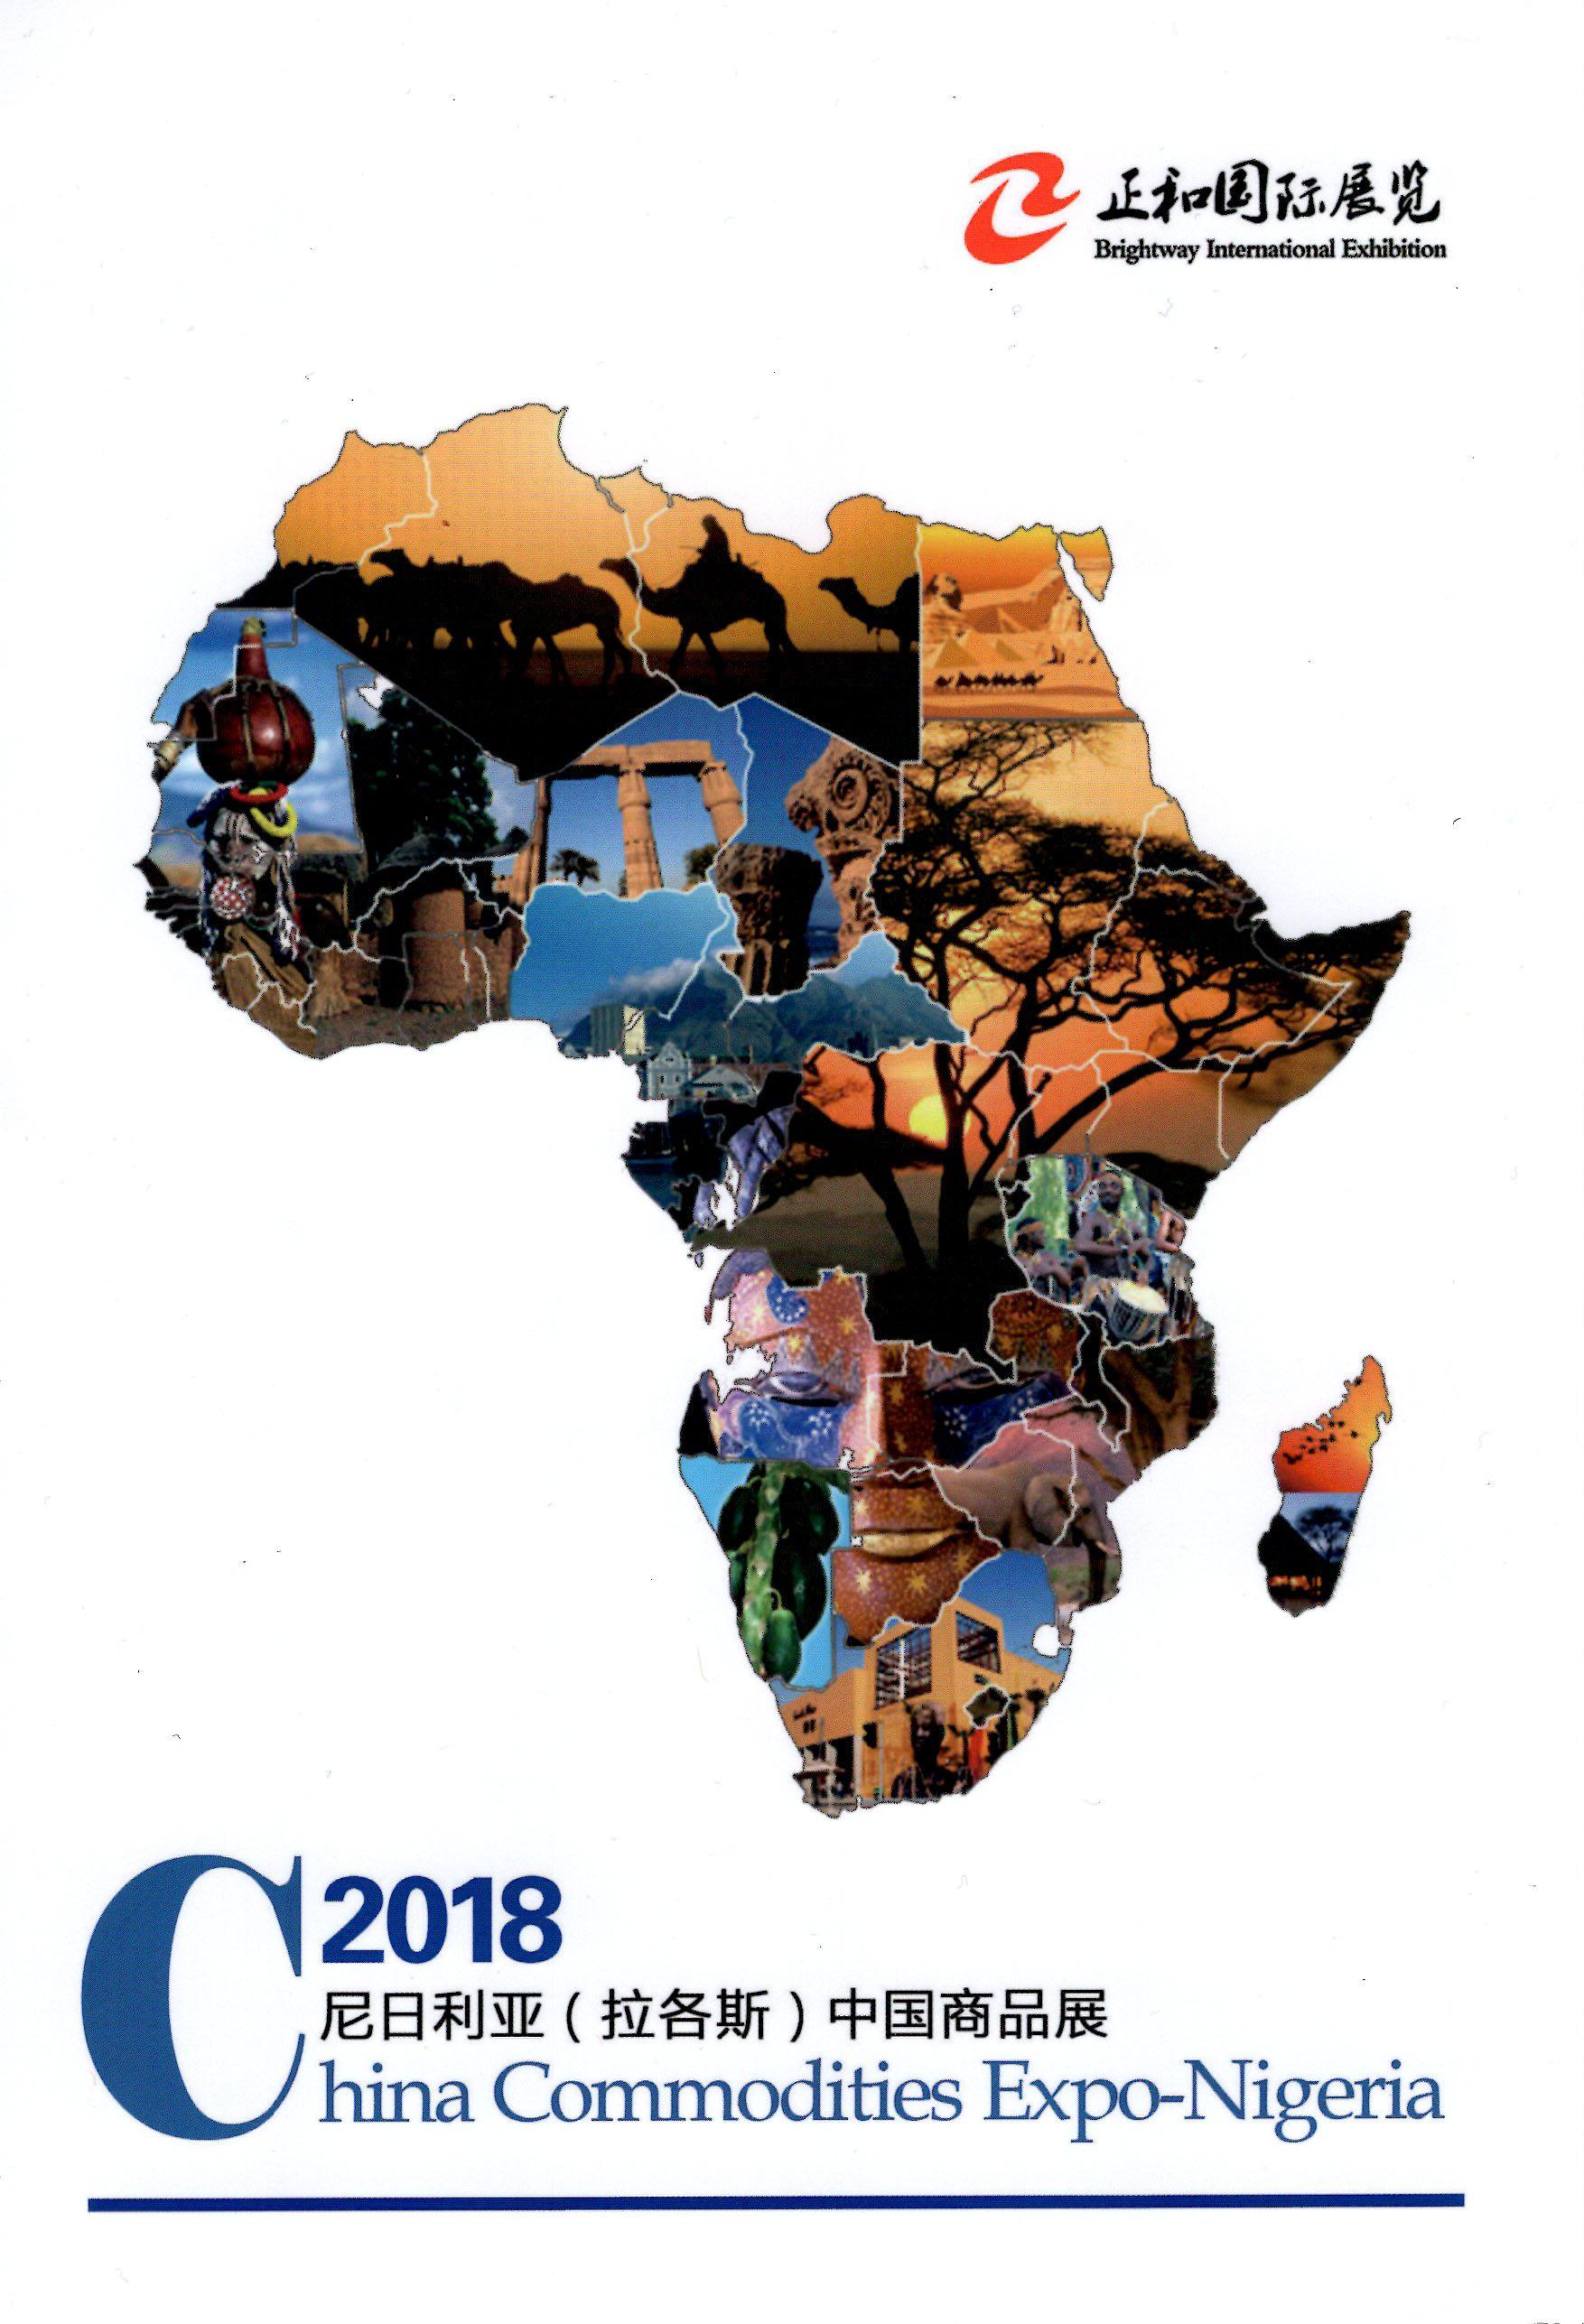 2018尼日利亚(拉各斯)中国商品展-